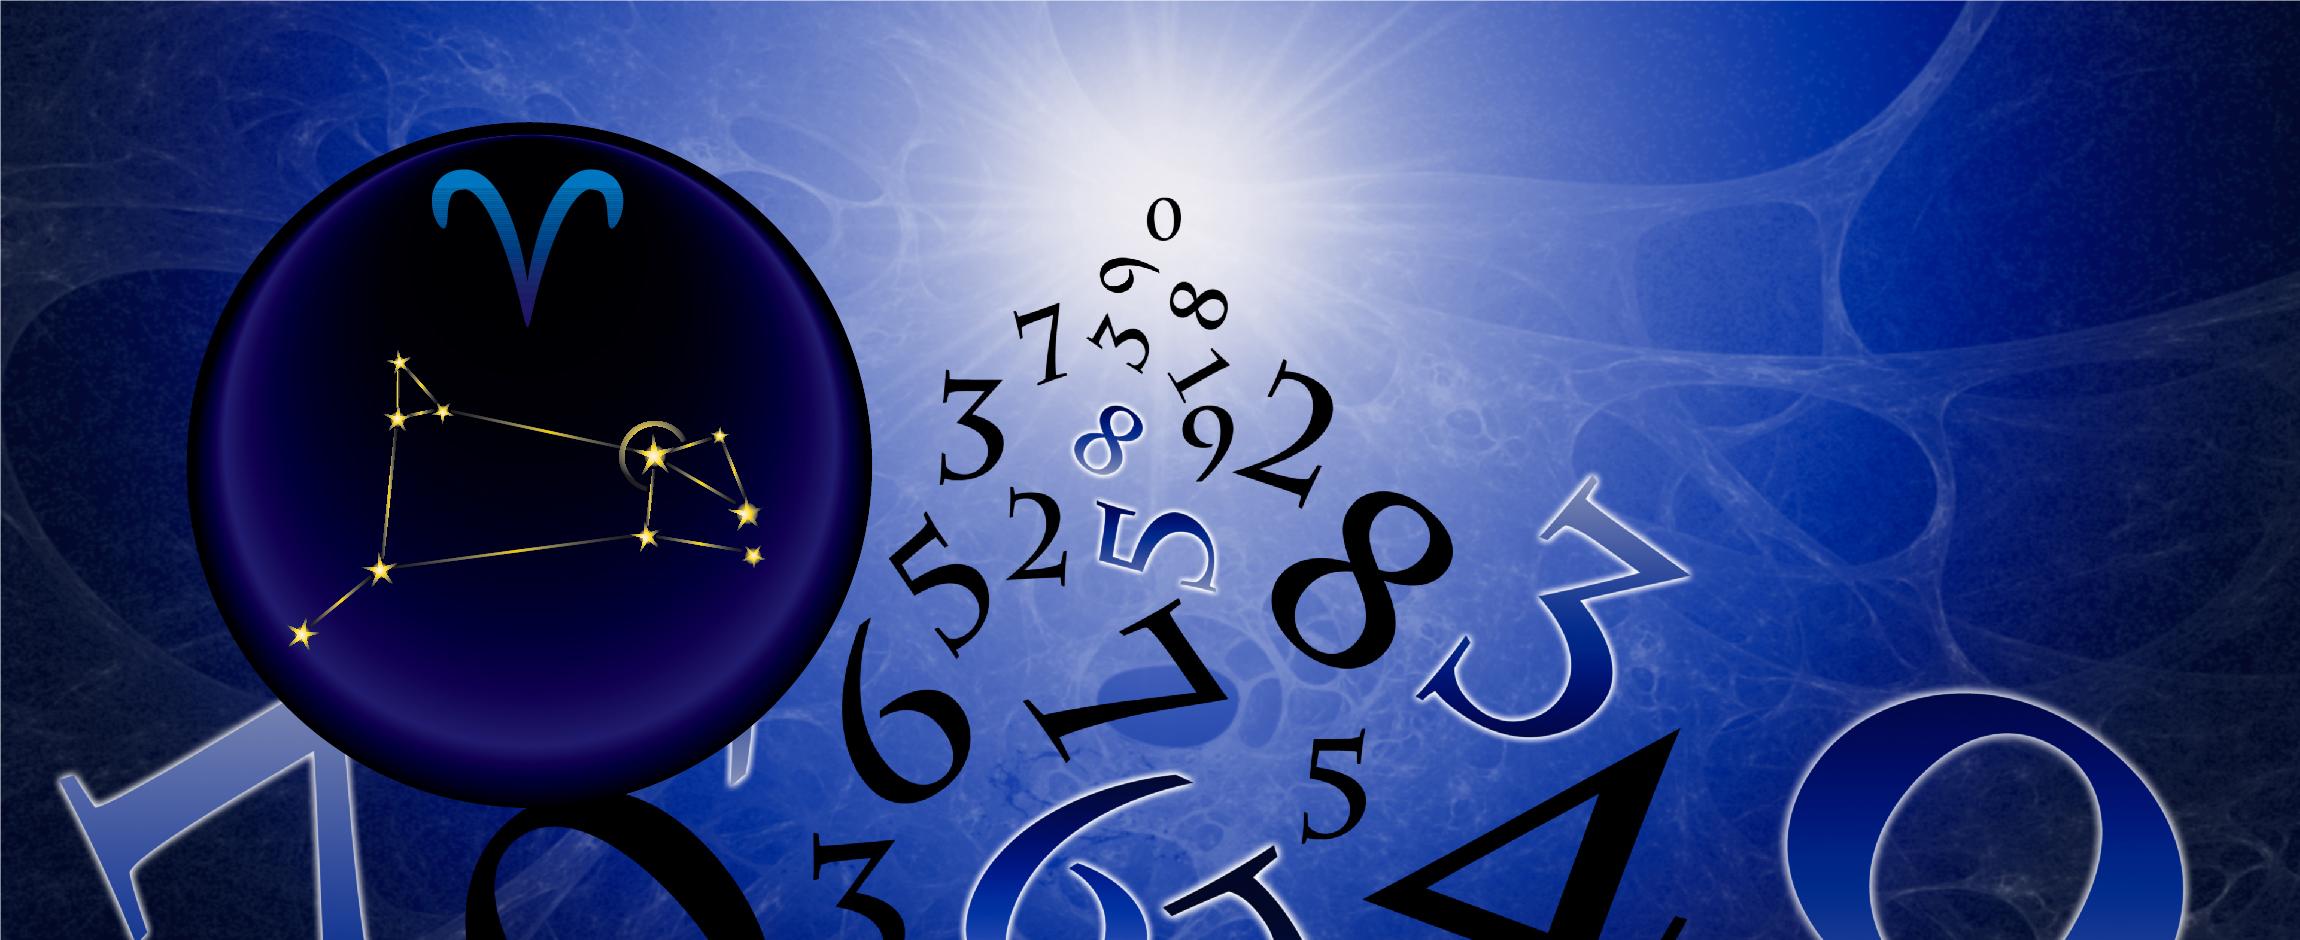 Brojevi i svemir